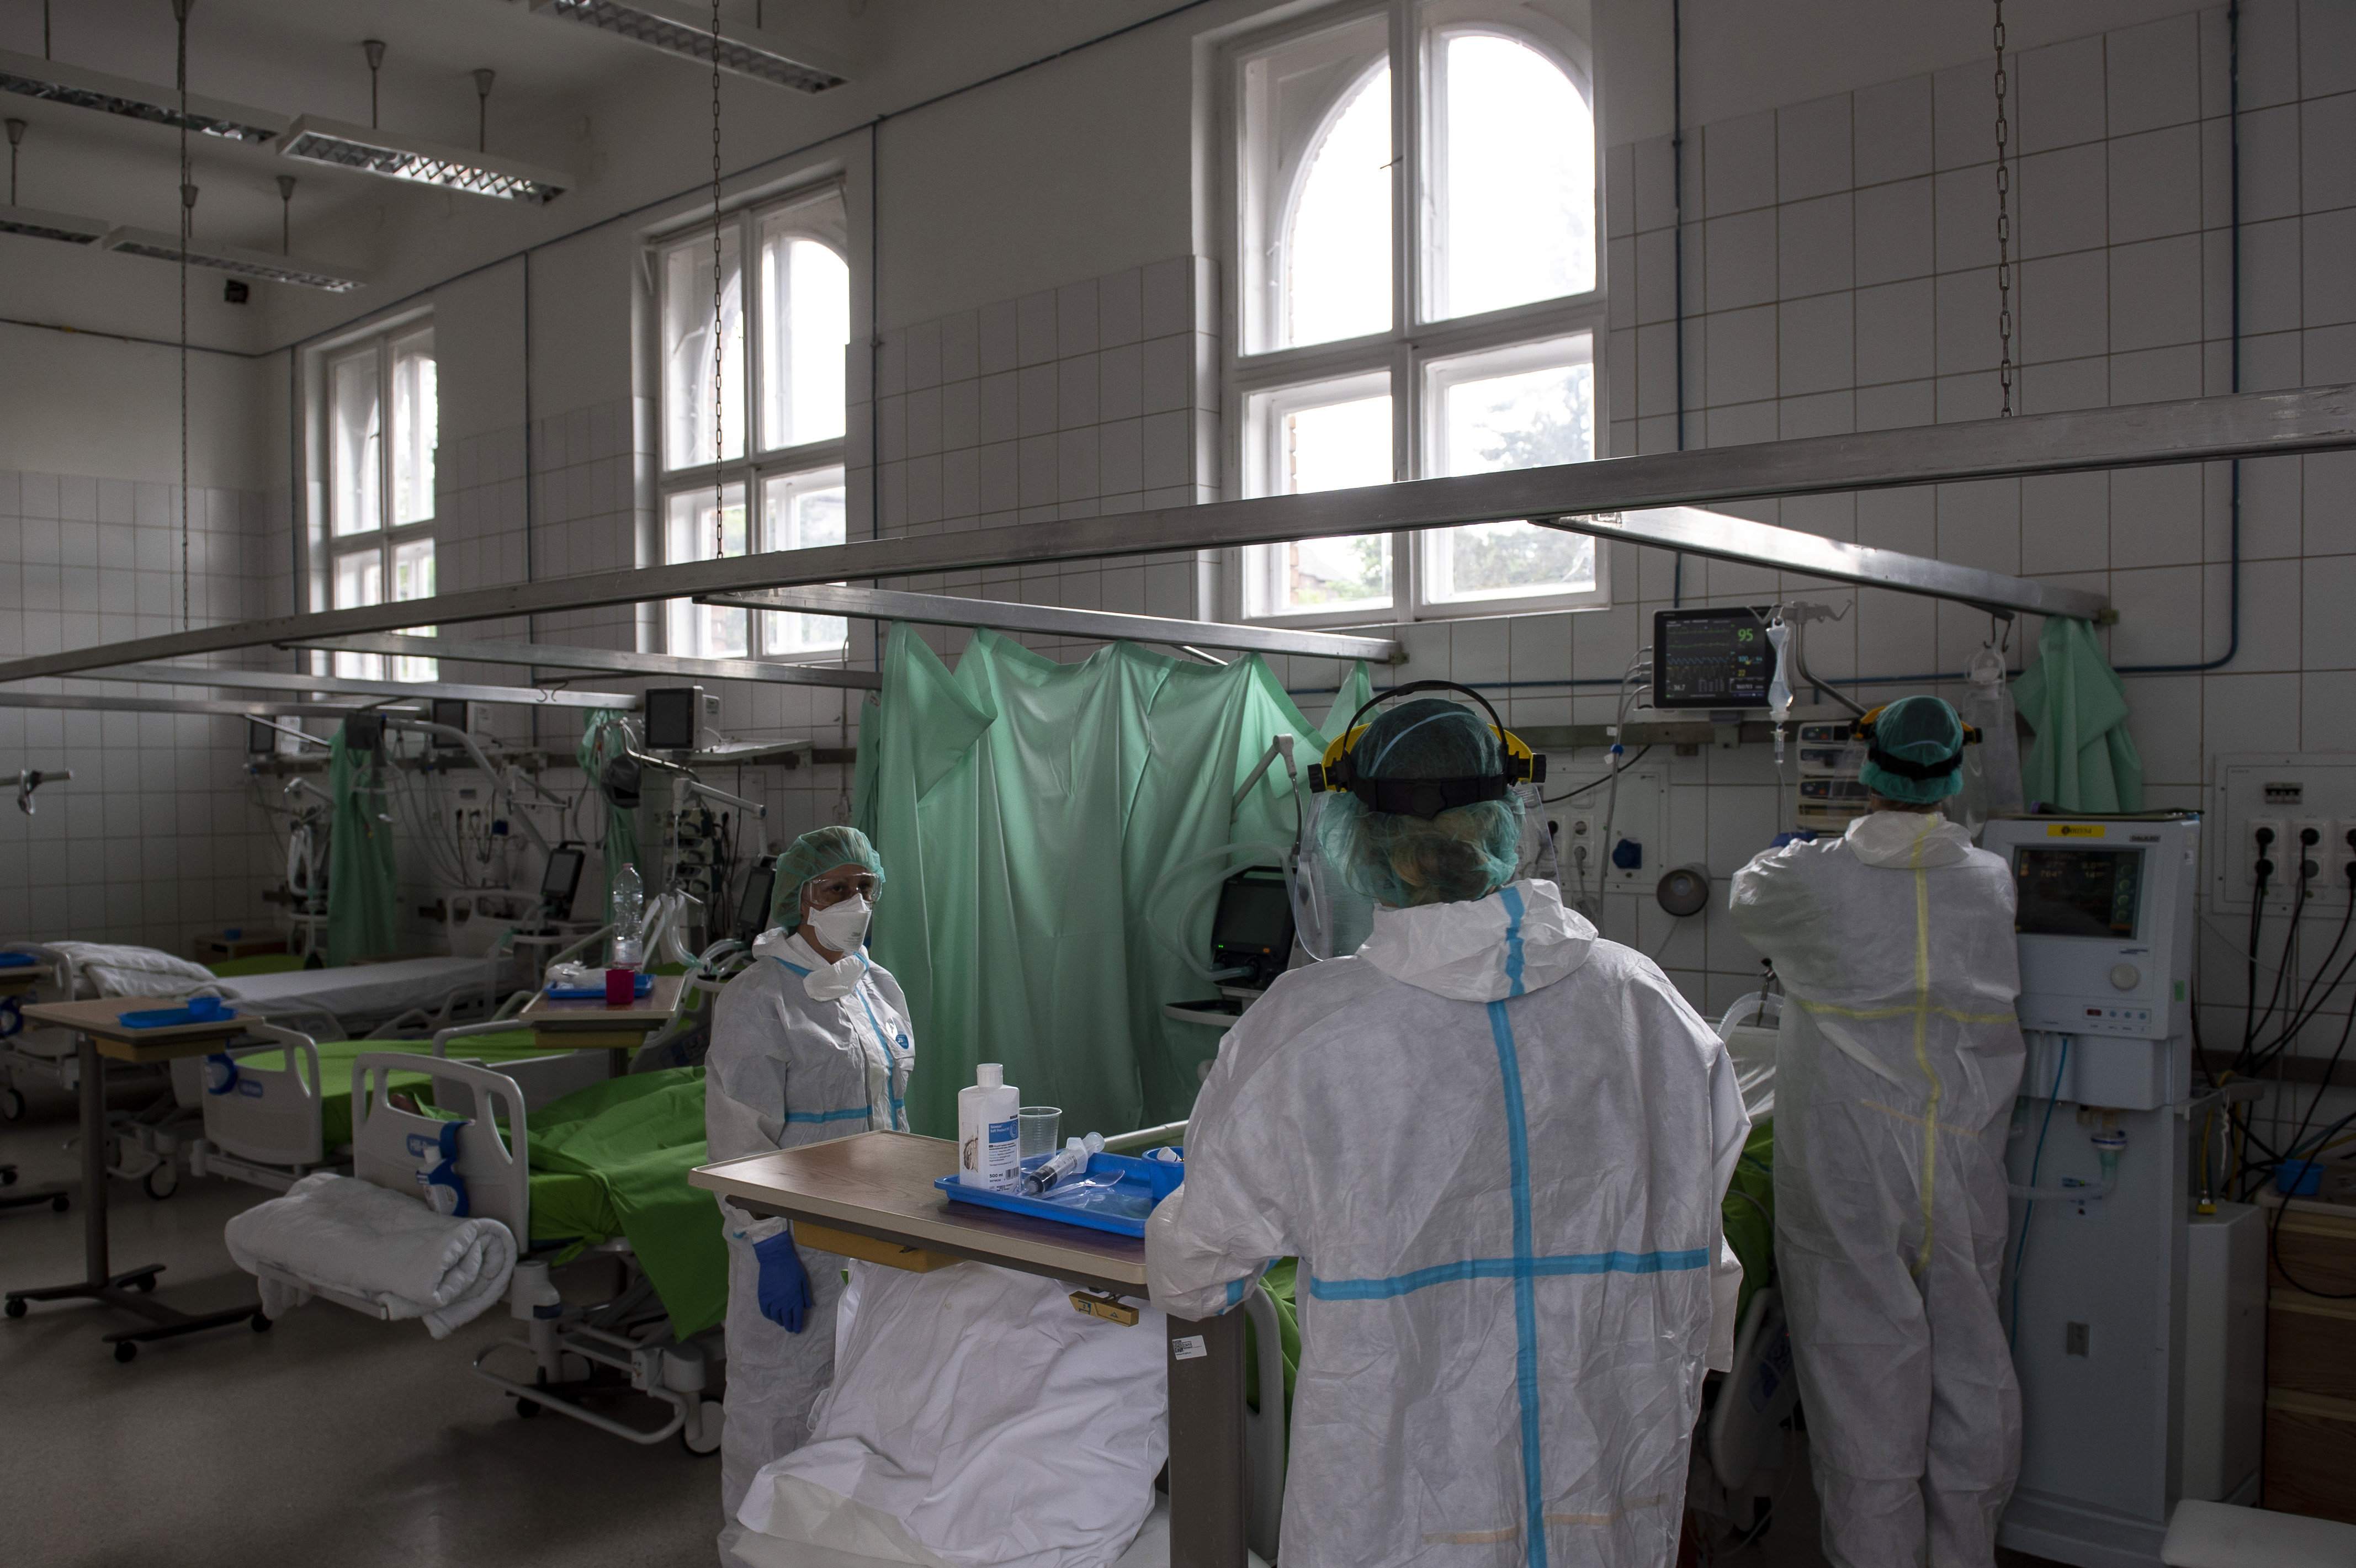 Posztcovid-ambulanciákat hozhatnak létre a kórházakban